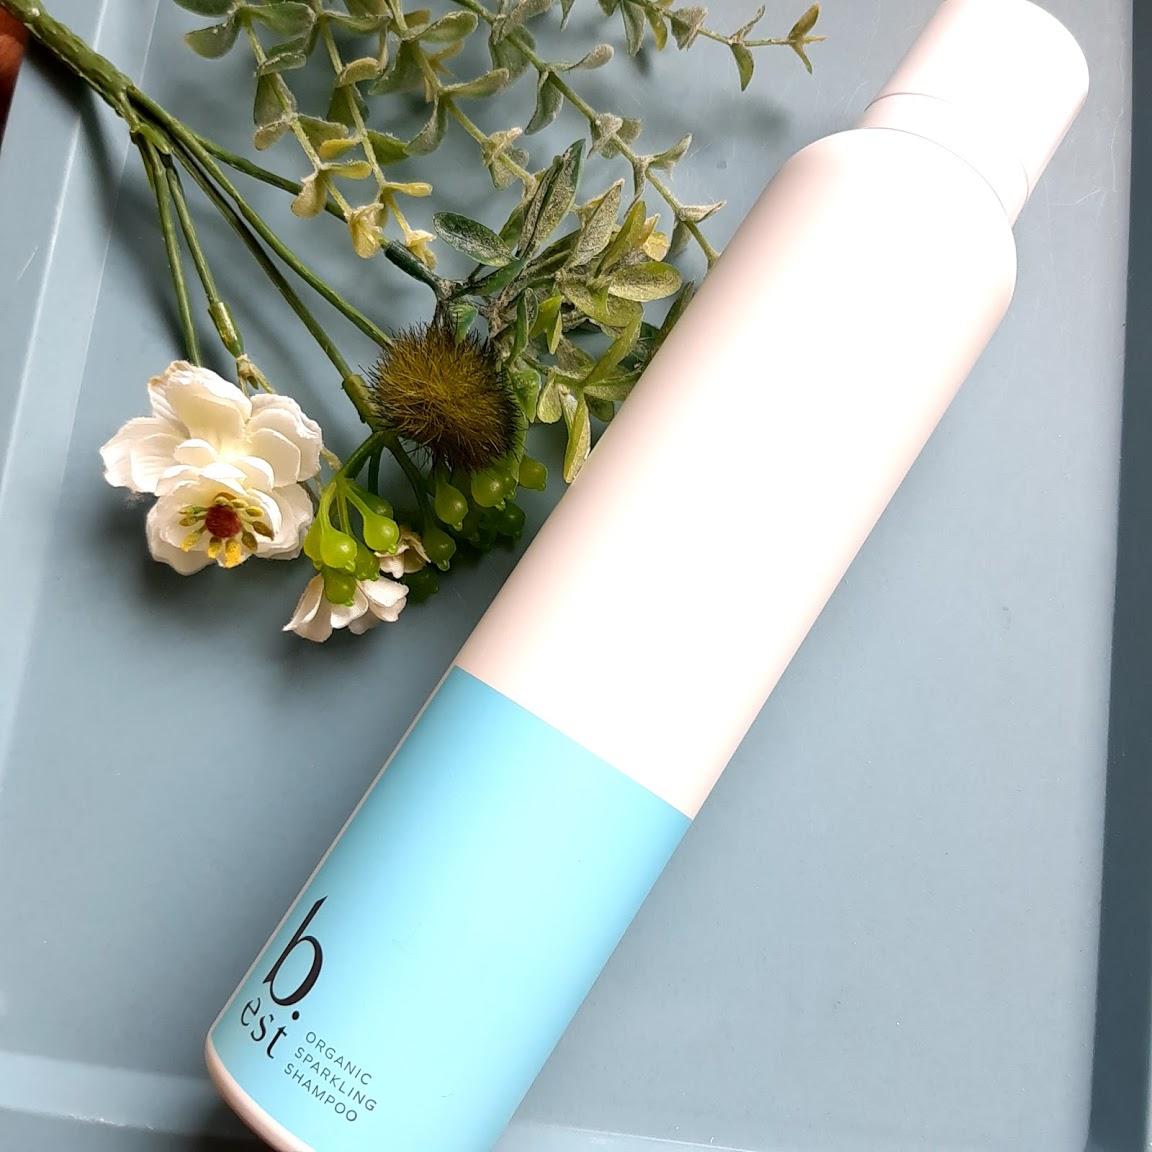 b.est(ビーエスト) organic sparkling shampooを使ったyayakoさんのクチコミ画像1